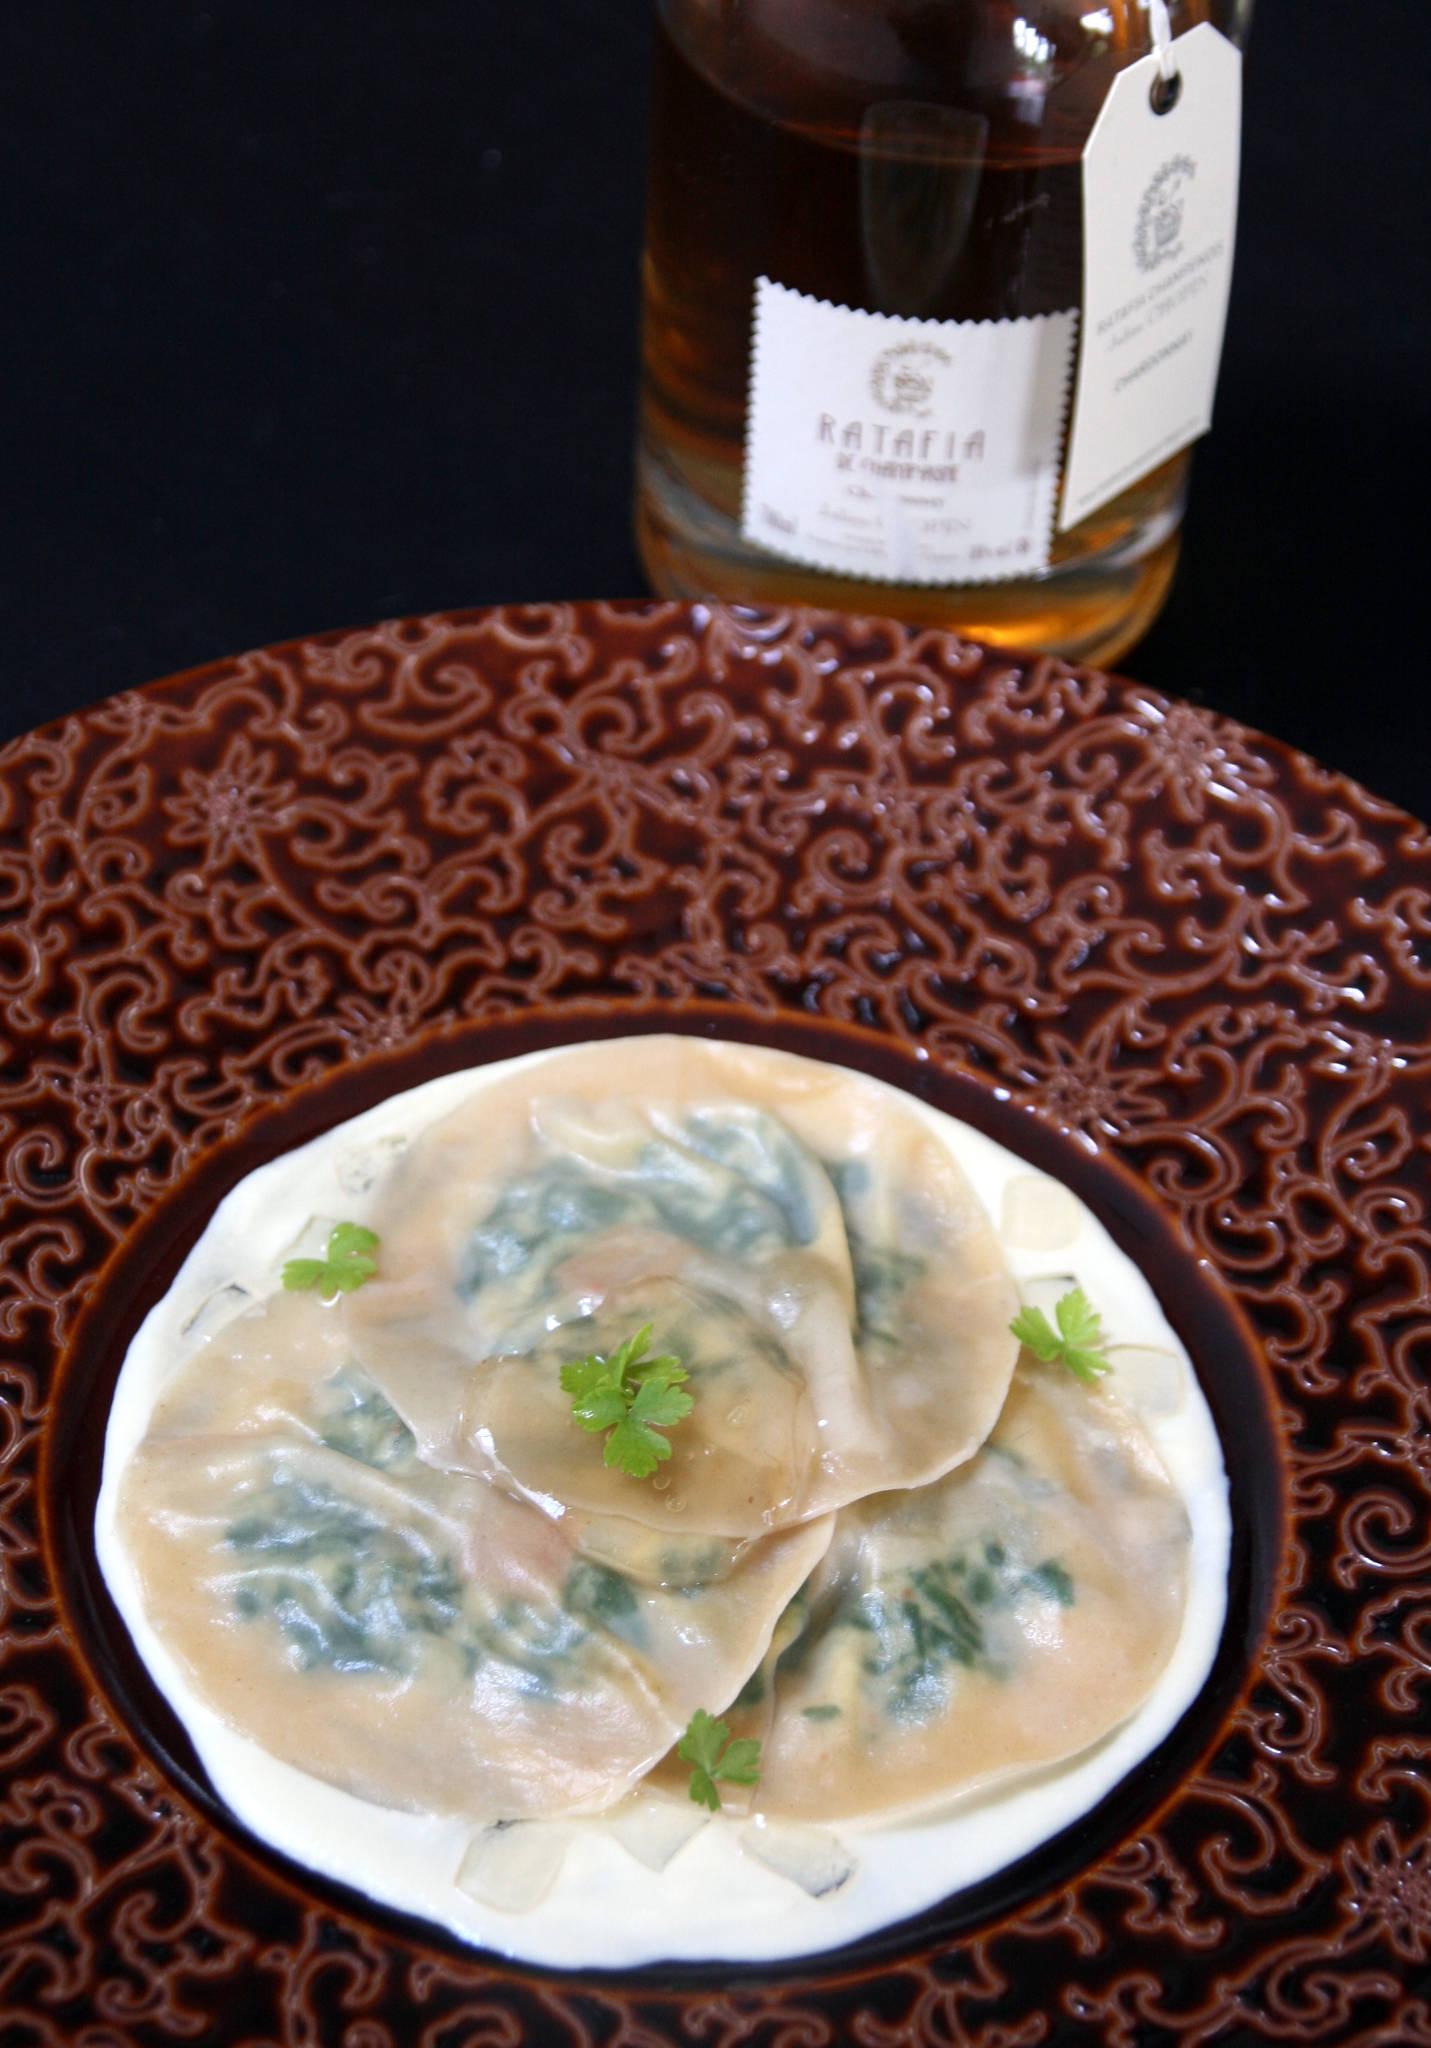 Ravioles épinard et brocciu, foie gras et raisin muscat, crème et gelée de ratafia Chardonnay Julien Chopin